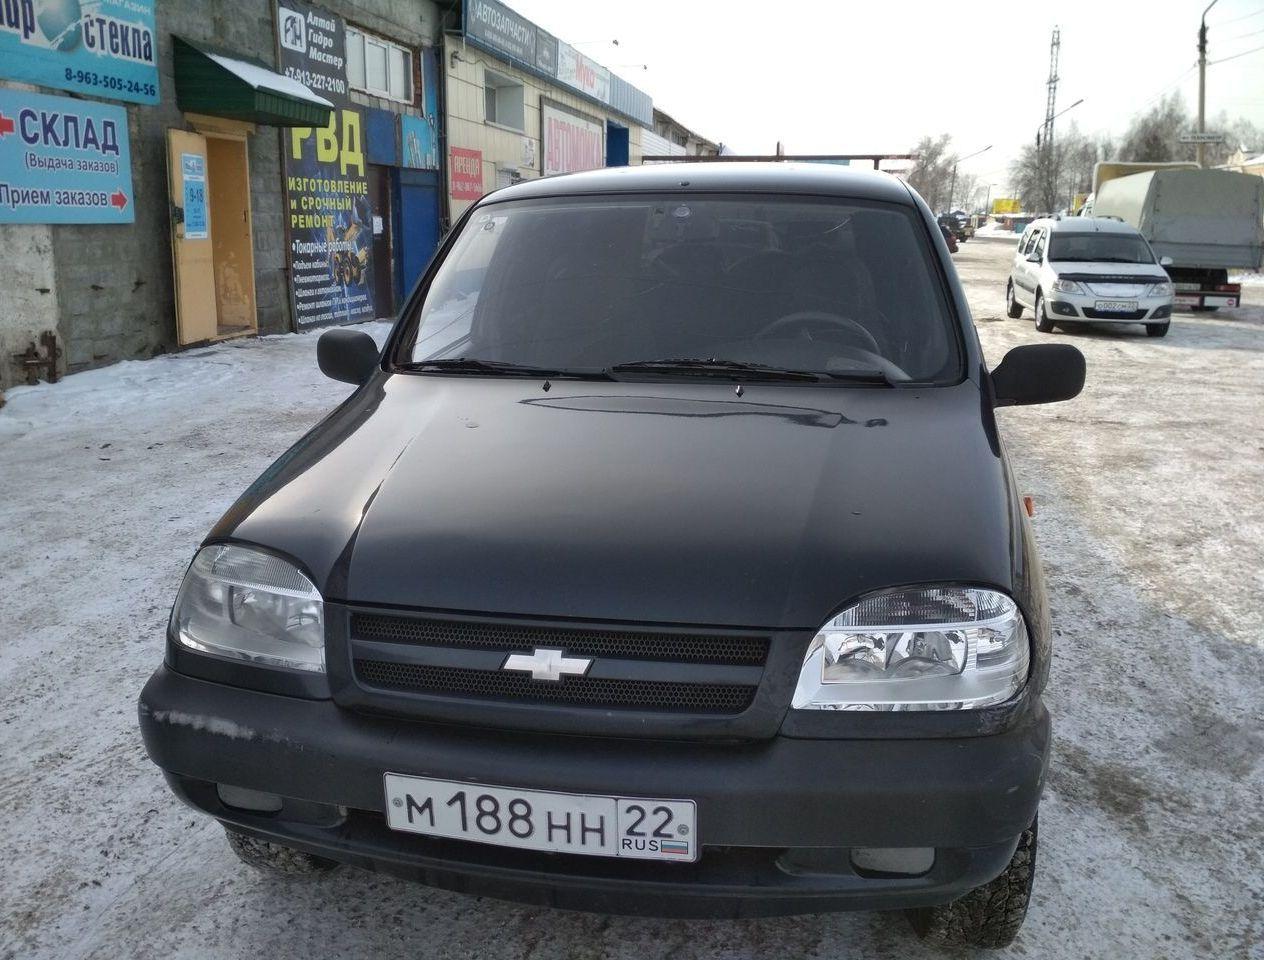 Номер М188НН22 VIN X9L21230060117815 Номер кузова 0117815, номер двигателя 0128748. ПТС 63.